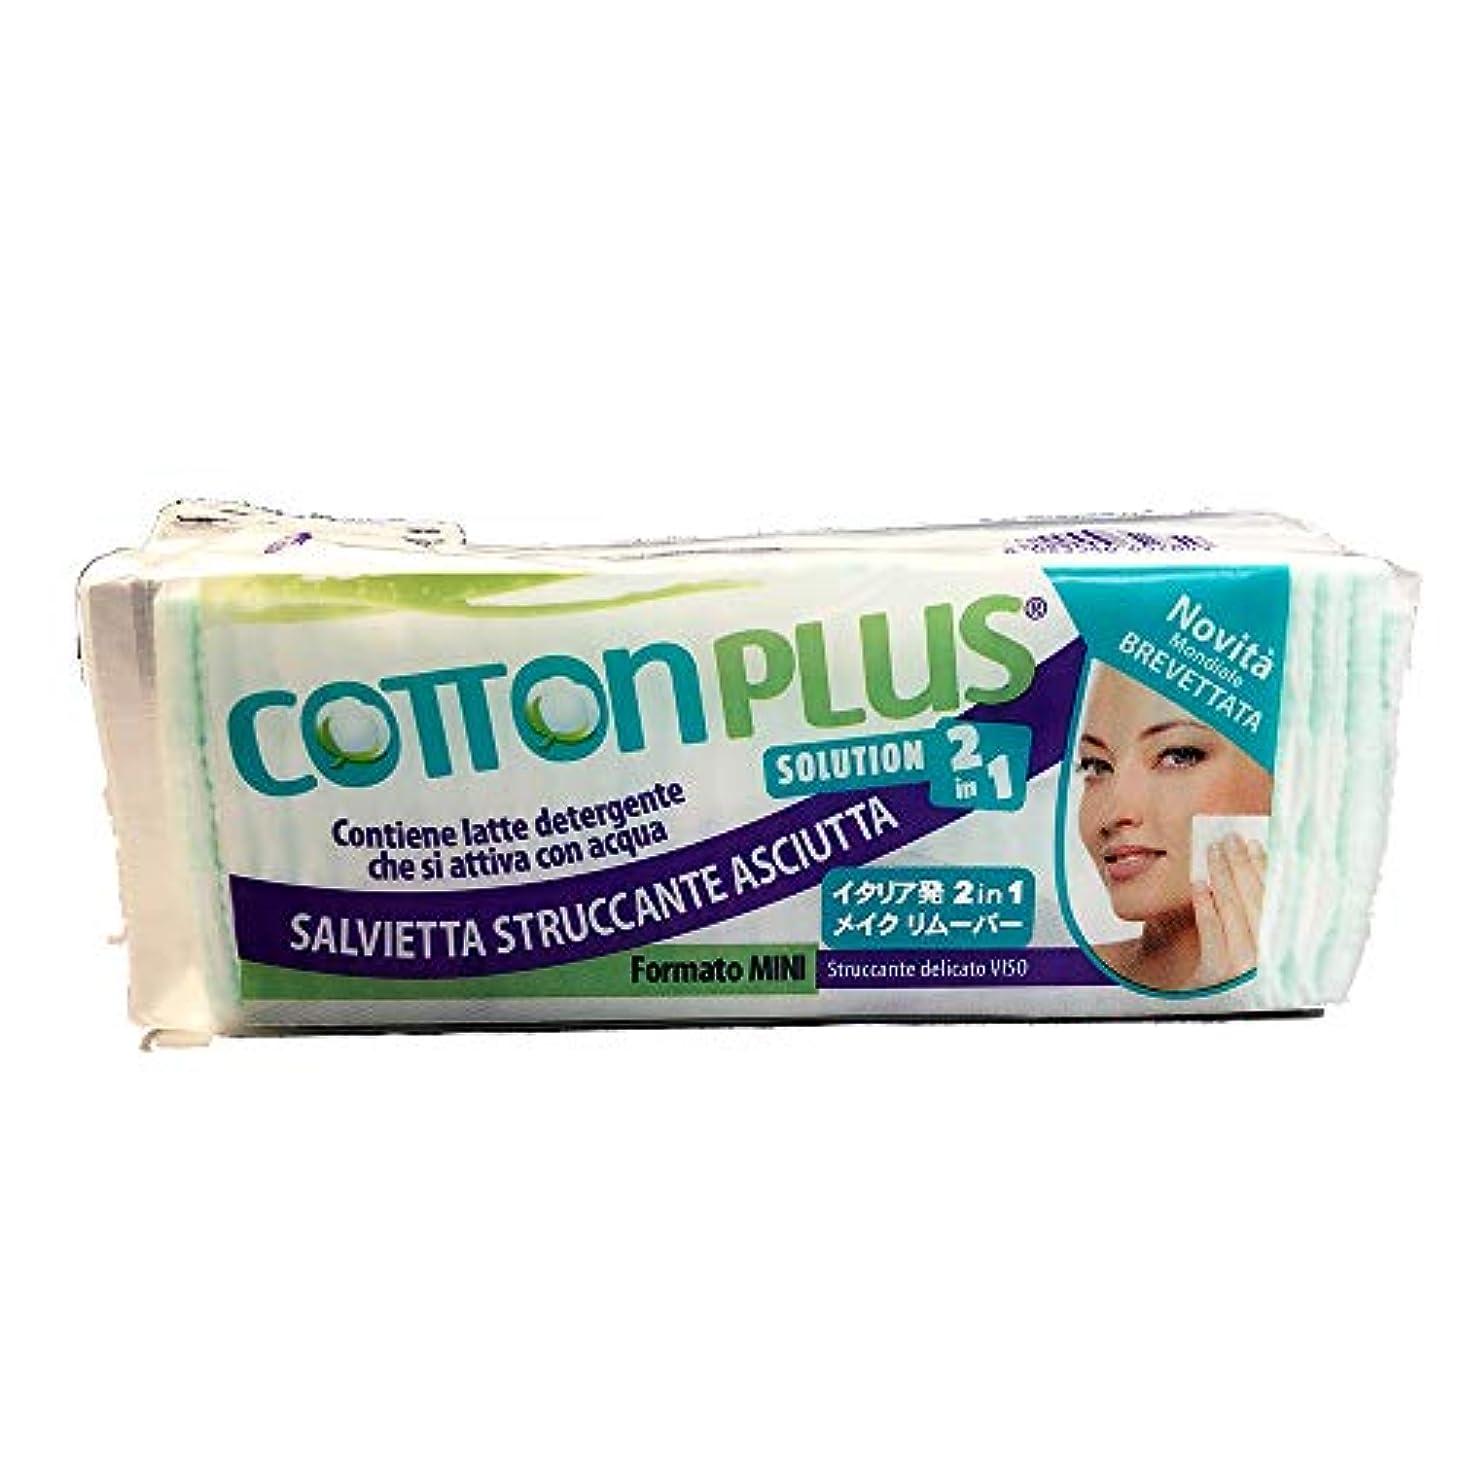 ビジネス疑い者正確クレンジングコットン メイク落とし コットンプラス COTTON PLUS SOLUTION 2 IN 1 ミニサイズ(60枚入り) 保湿 化粧水